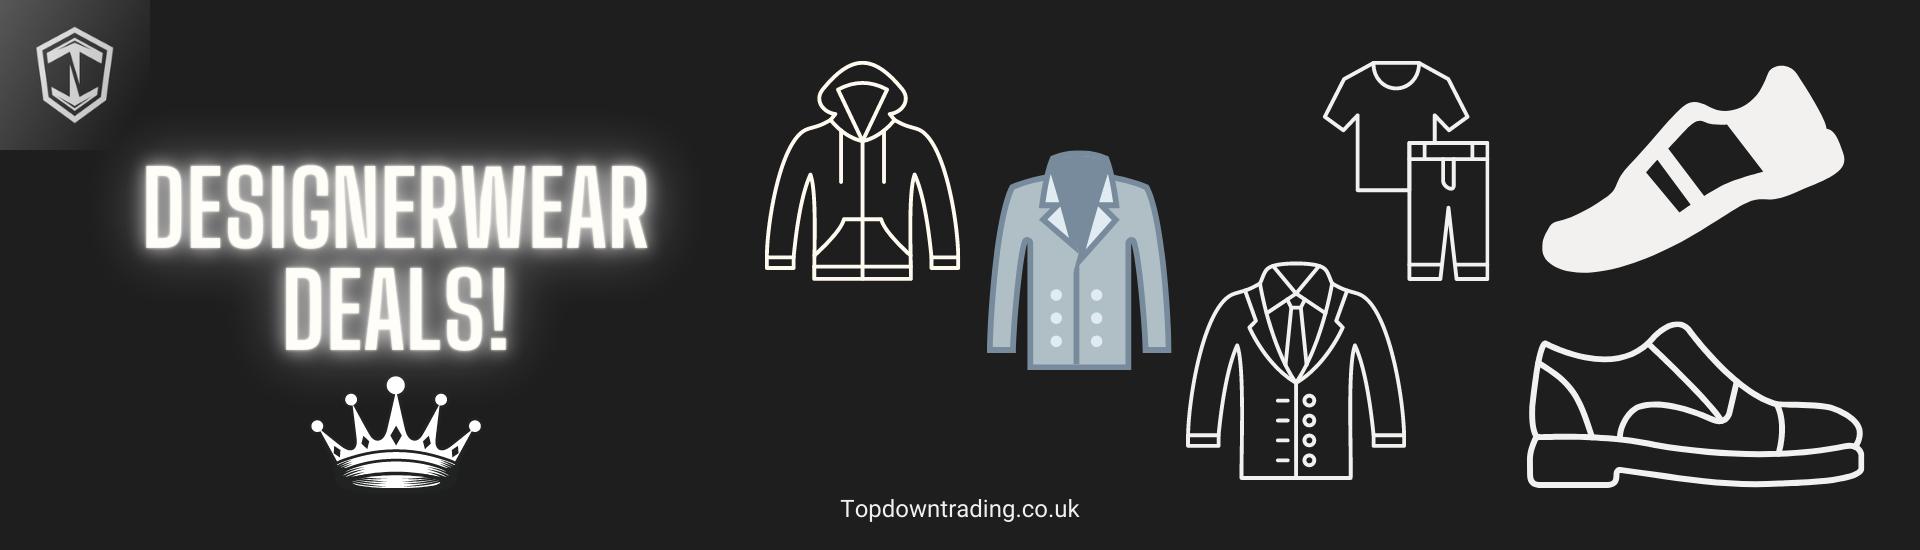 Designerwear Deals